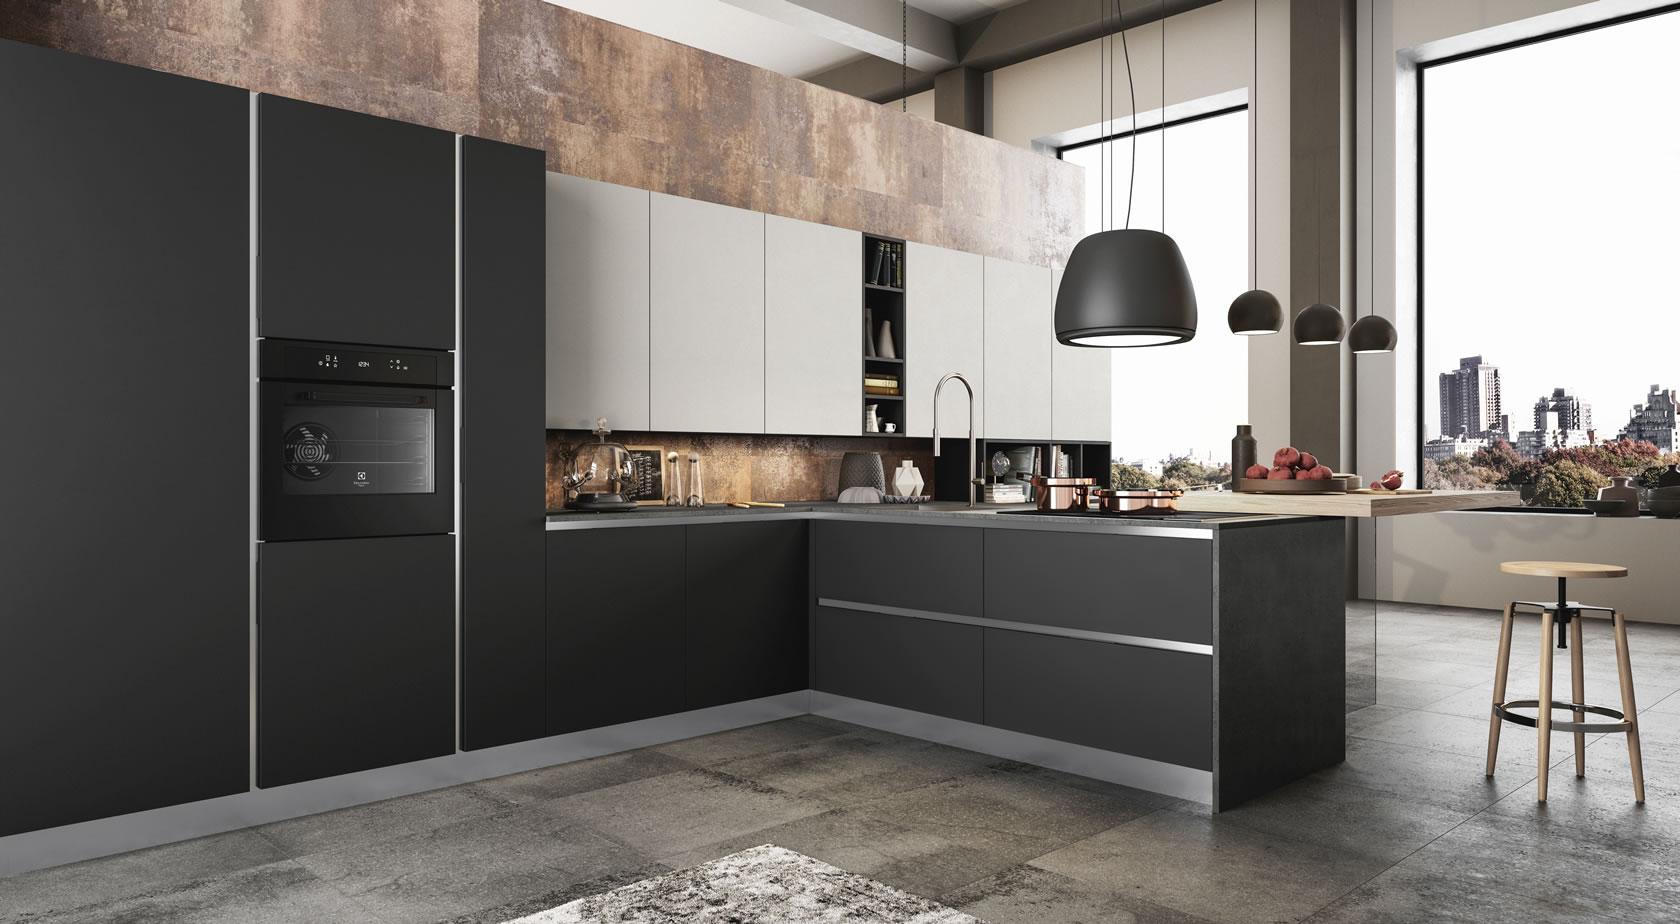 Cucine moderne e cucine classiche ad oristano piroddi - Arredo tre cucine opinioni ...